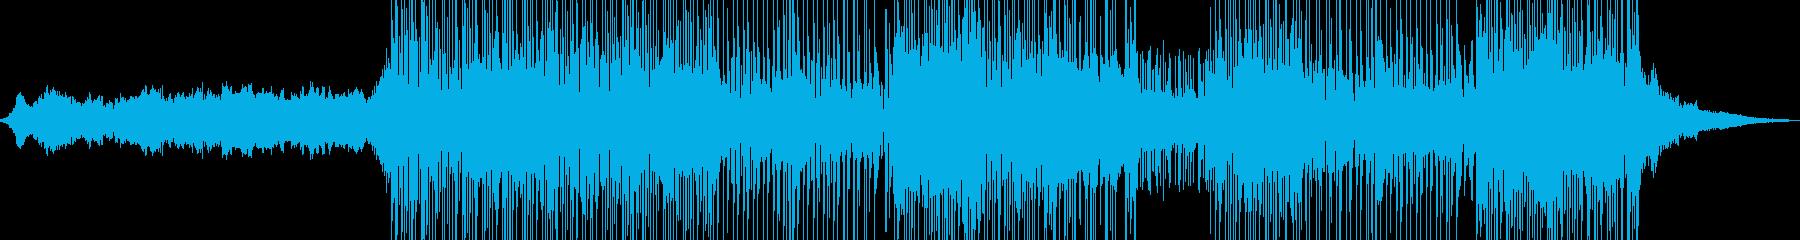 琴・三味線・レトロな演歌調ポップ 長尺+の再生済みの波形